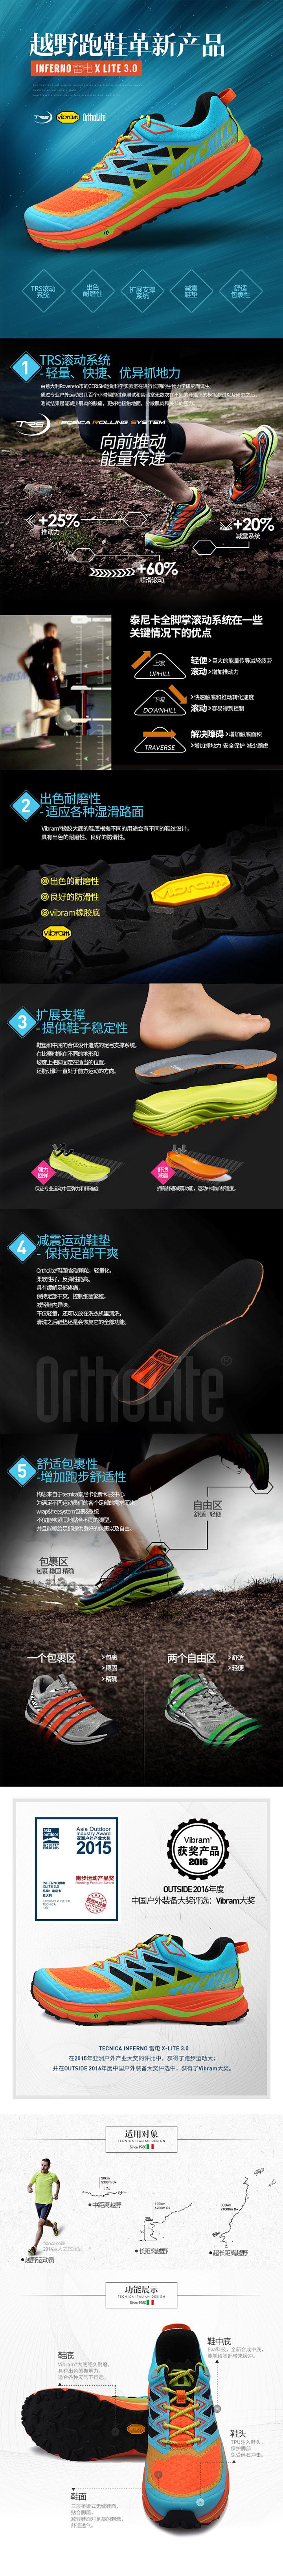 泰尼卡雷电跑鞋免费试用,评测